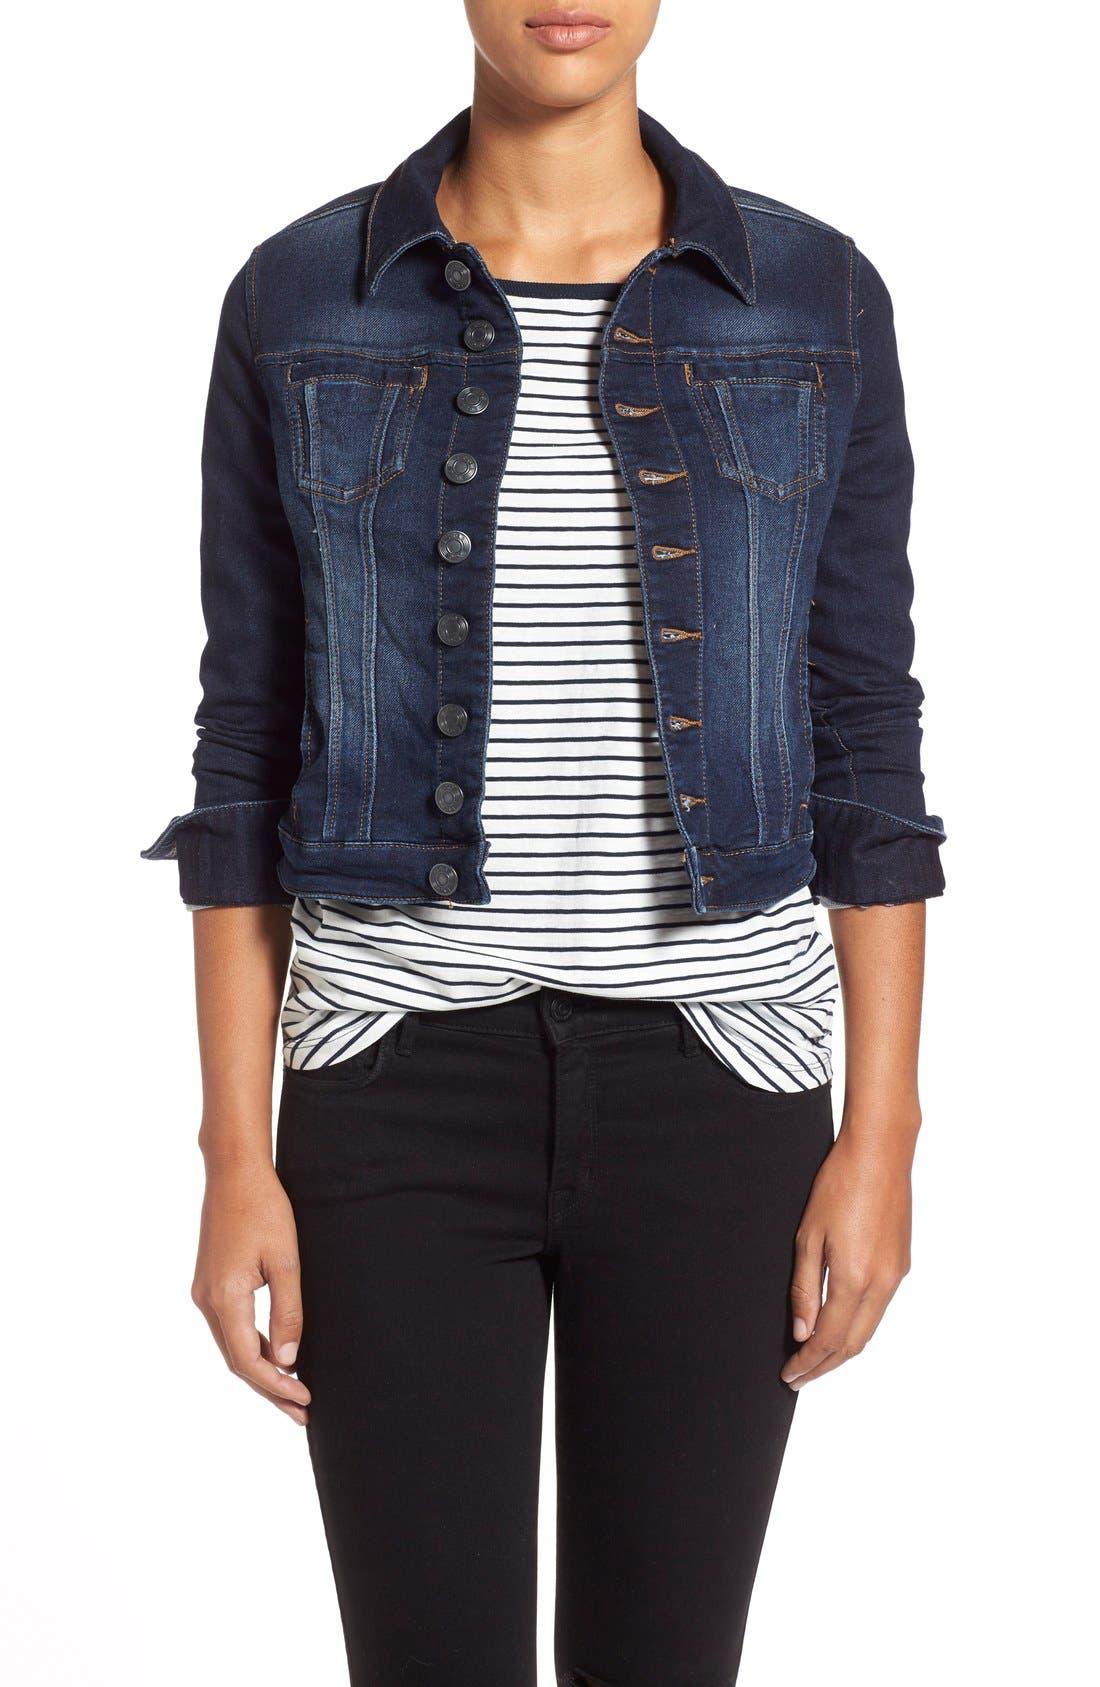 Main Image - Jag Jeans 'Savannah' Knit Denim Jacket